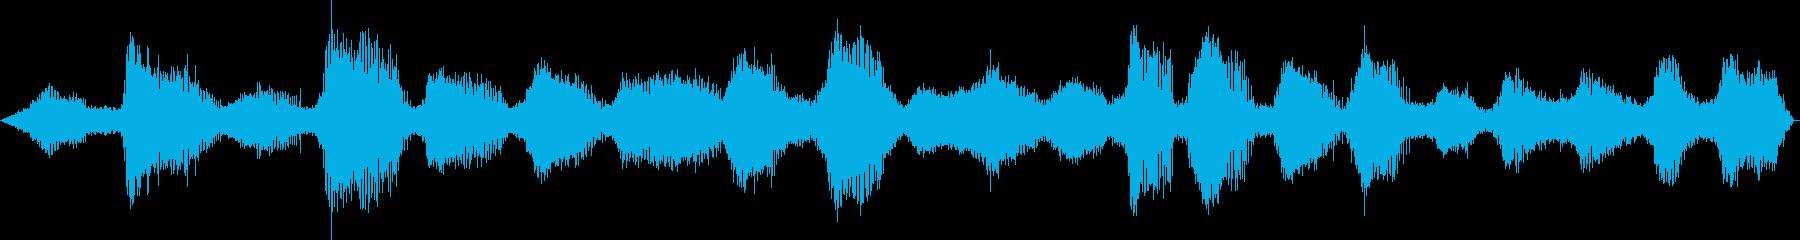 ヒグラシの鳴き声1 ひぐらし 蜩の再生済みの波形